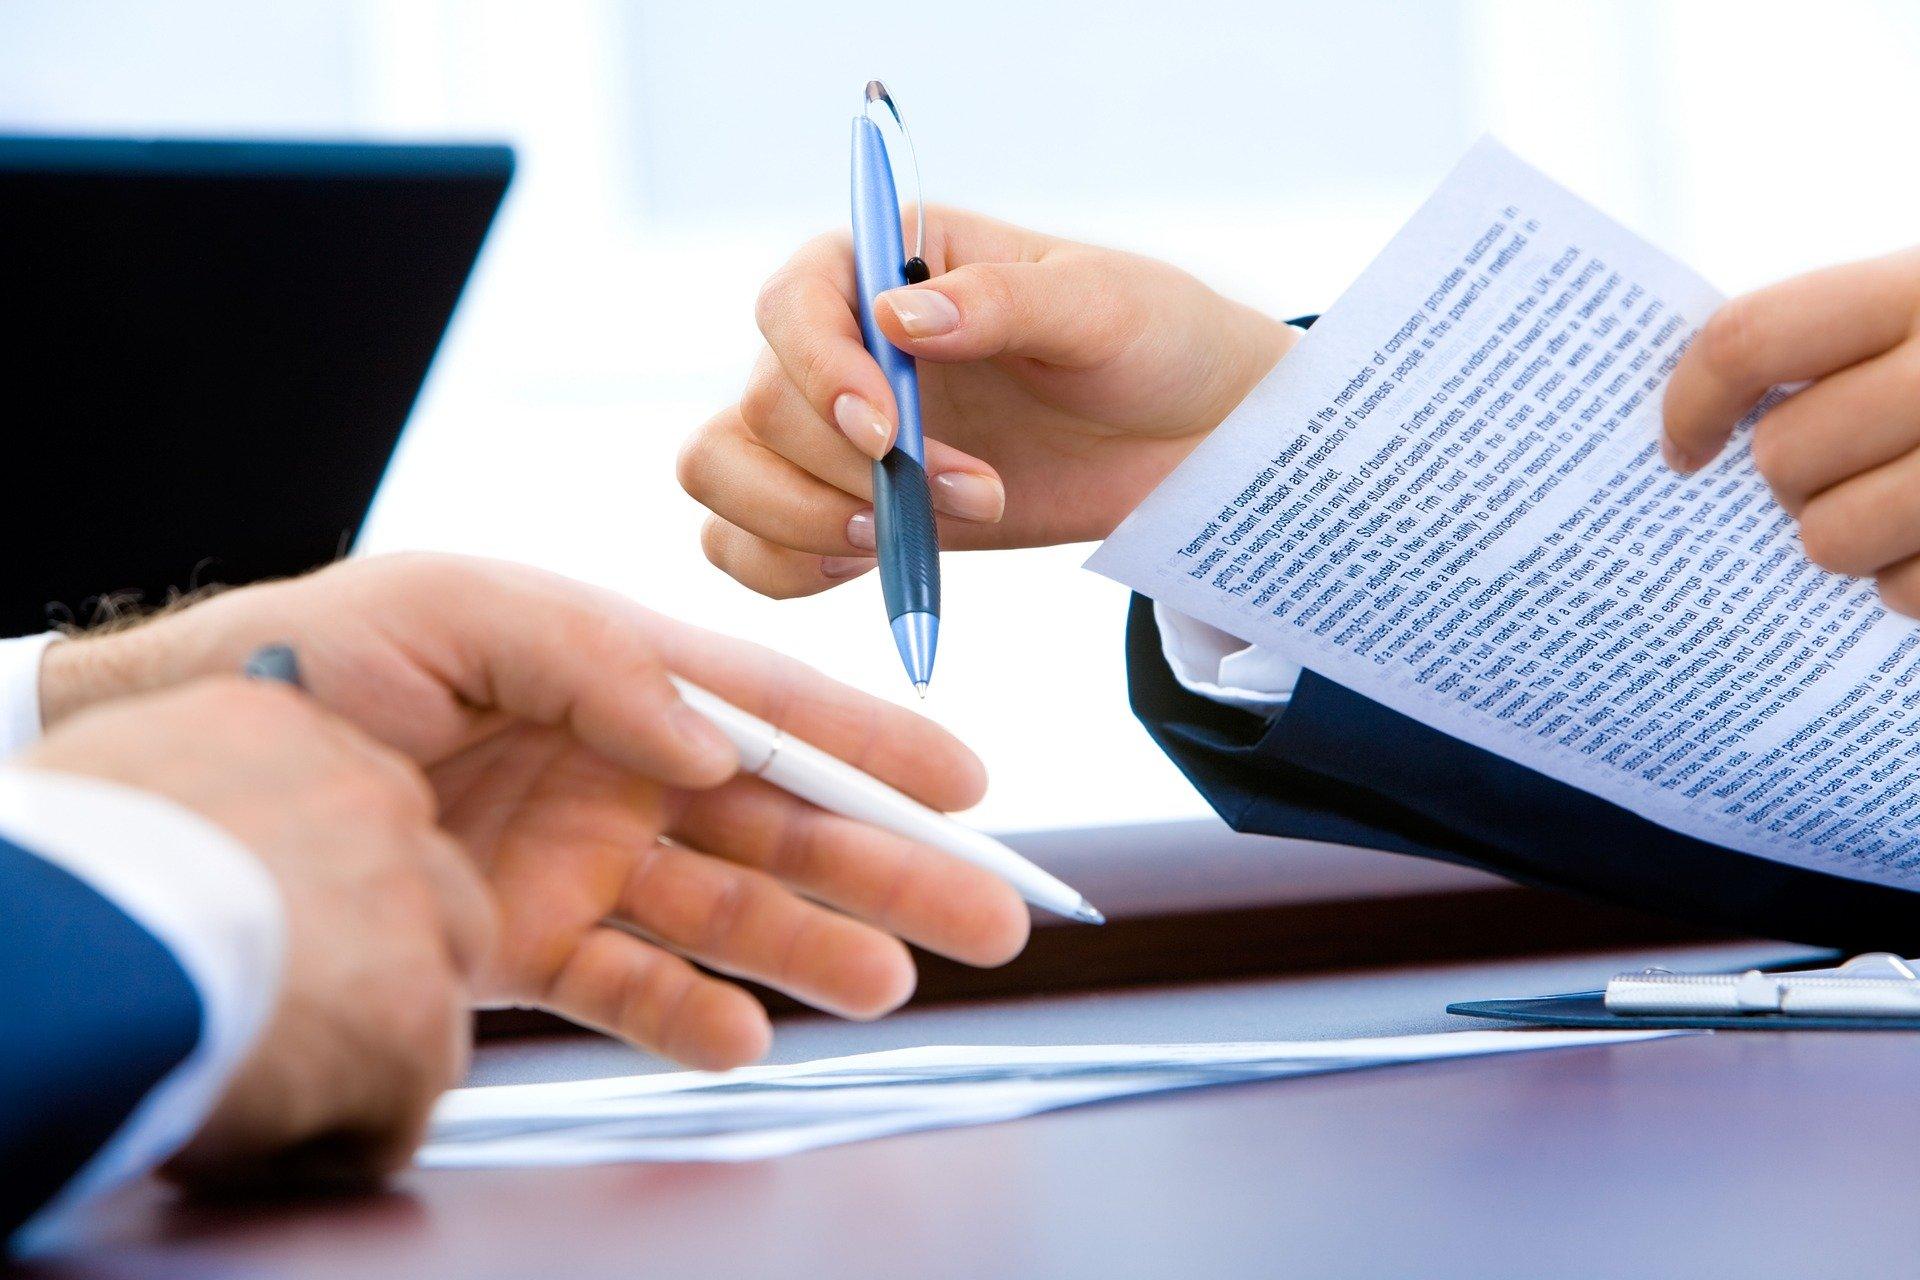 Achat appartement neuf en VEFA : le contrat de réservation